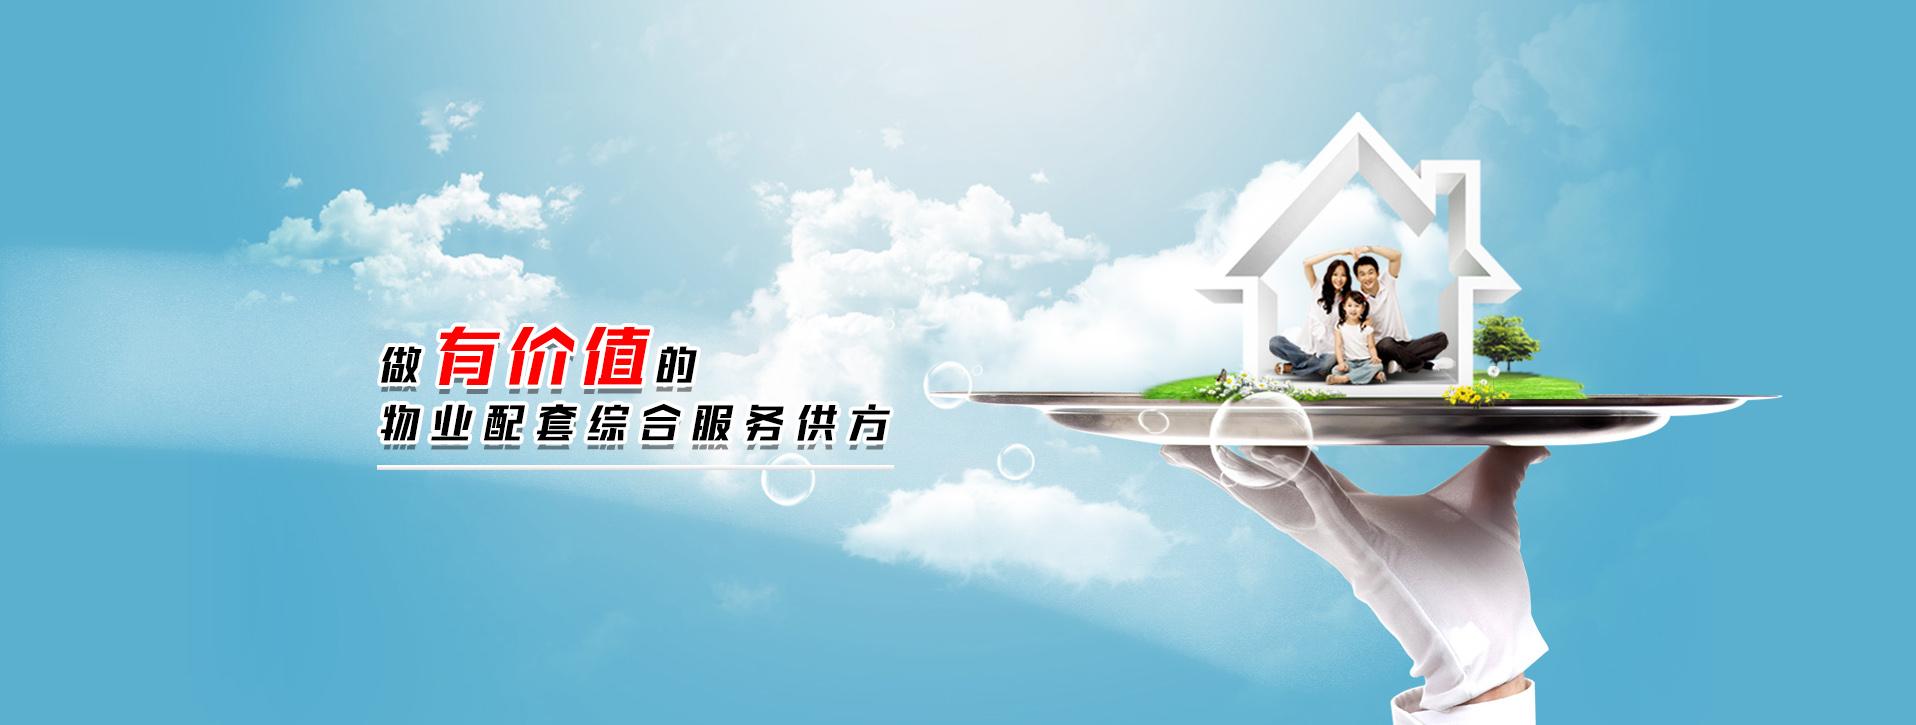 惠州物业服务